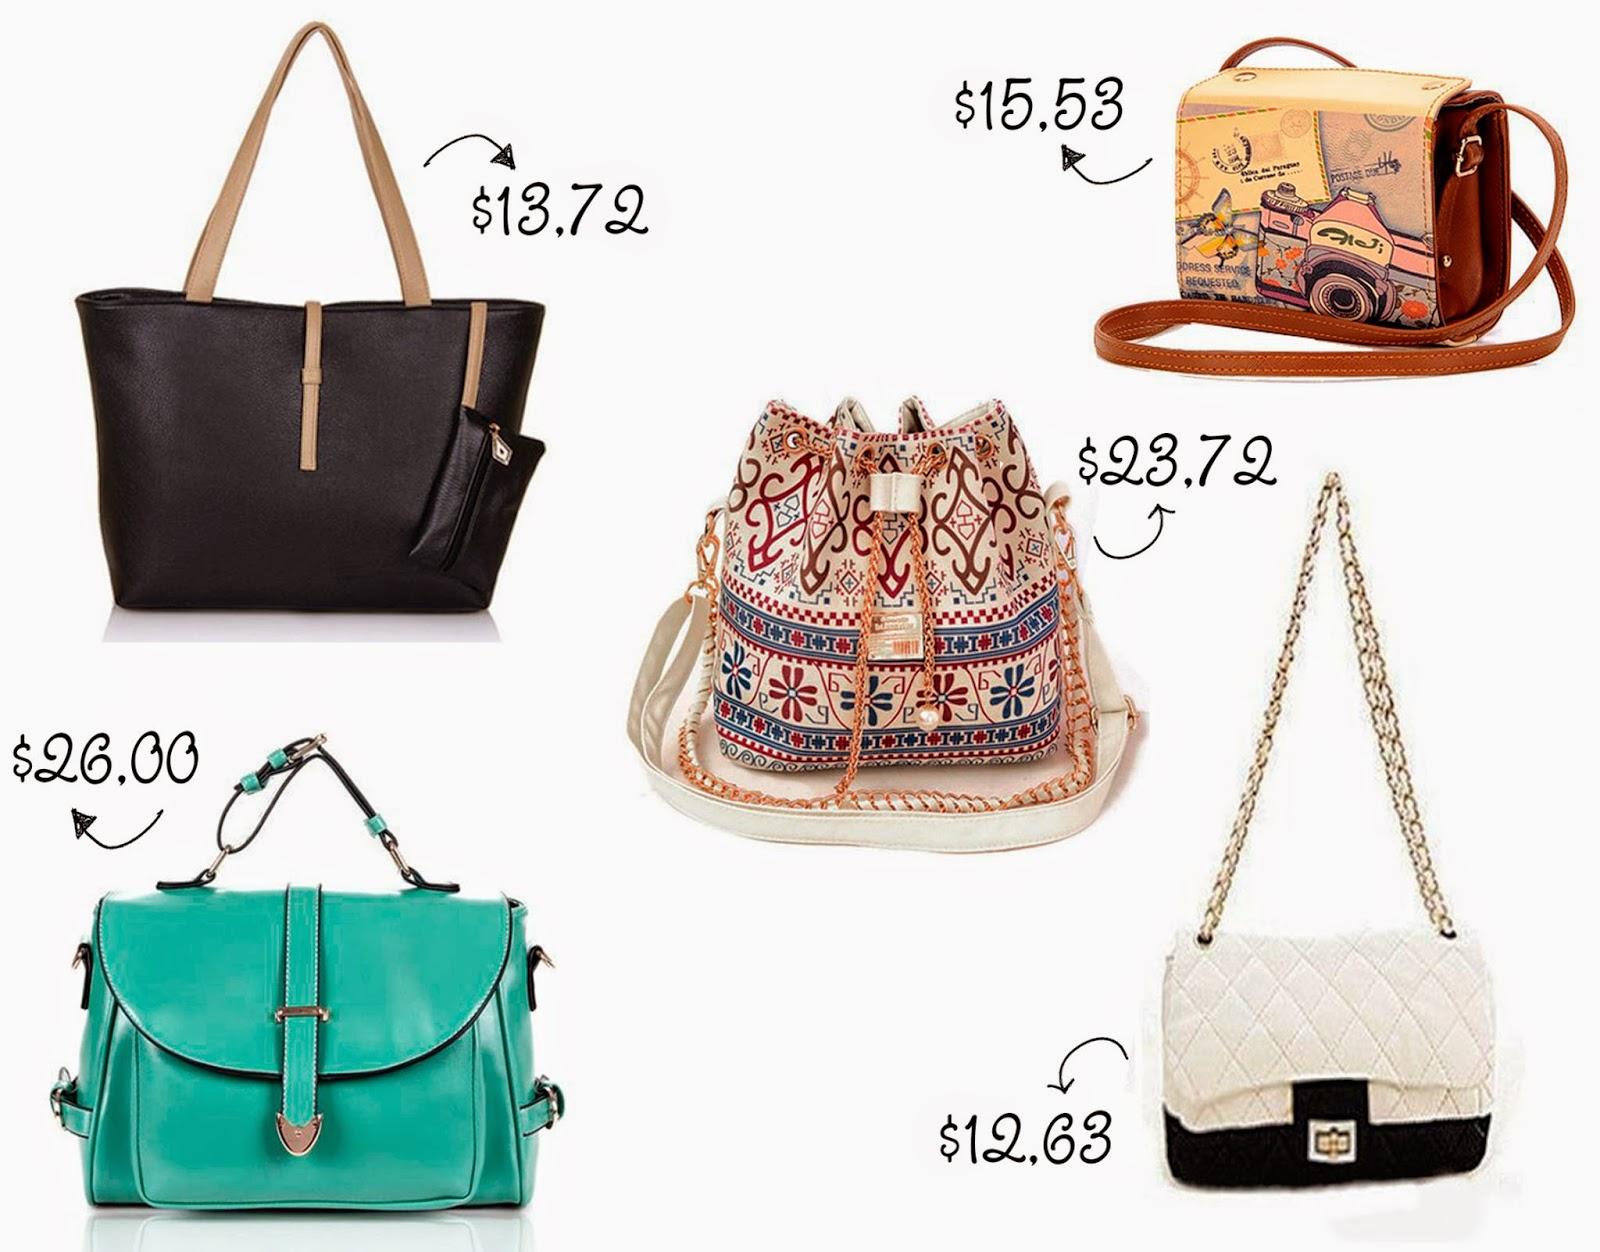 Rosegal loja online internacional preços acessíveis barato